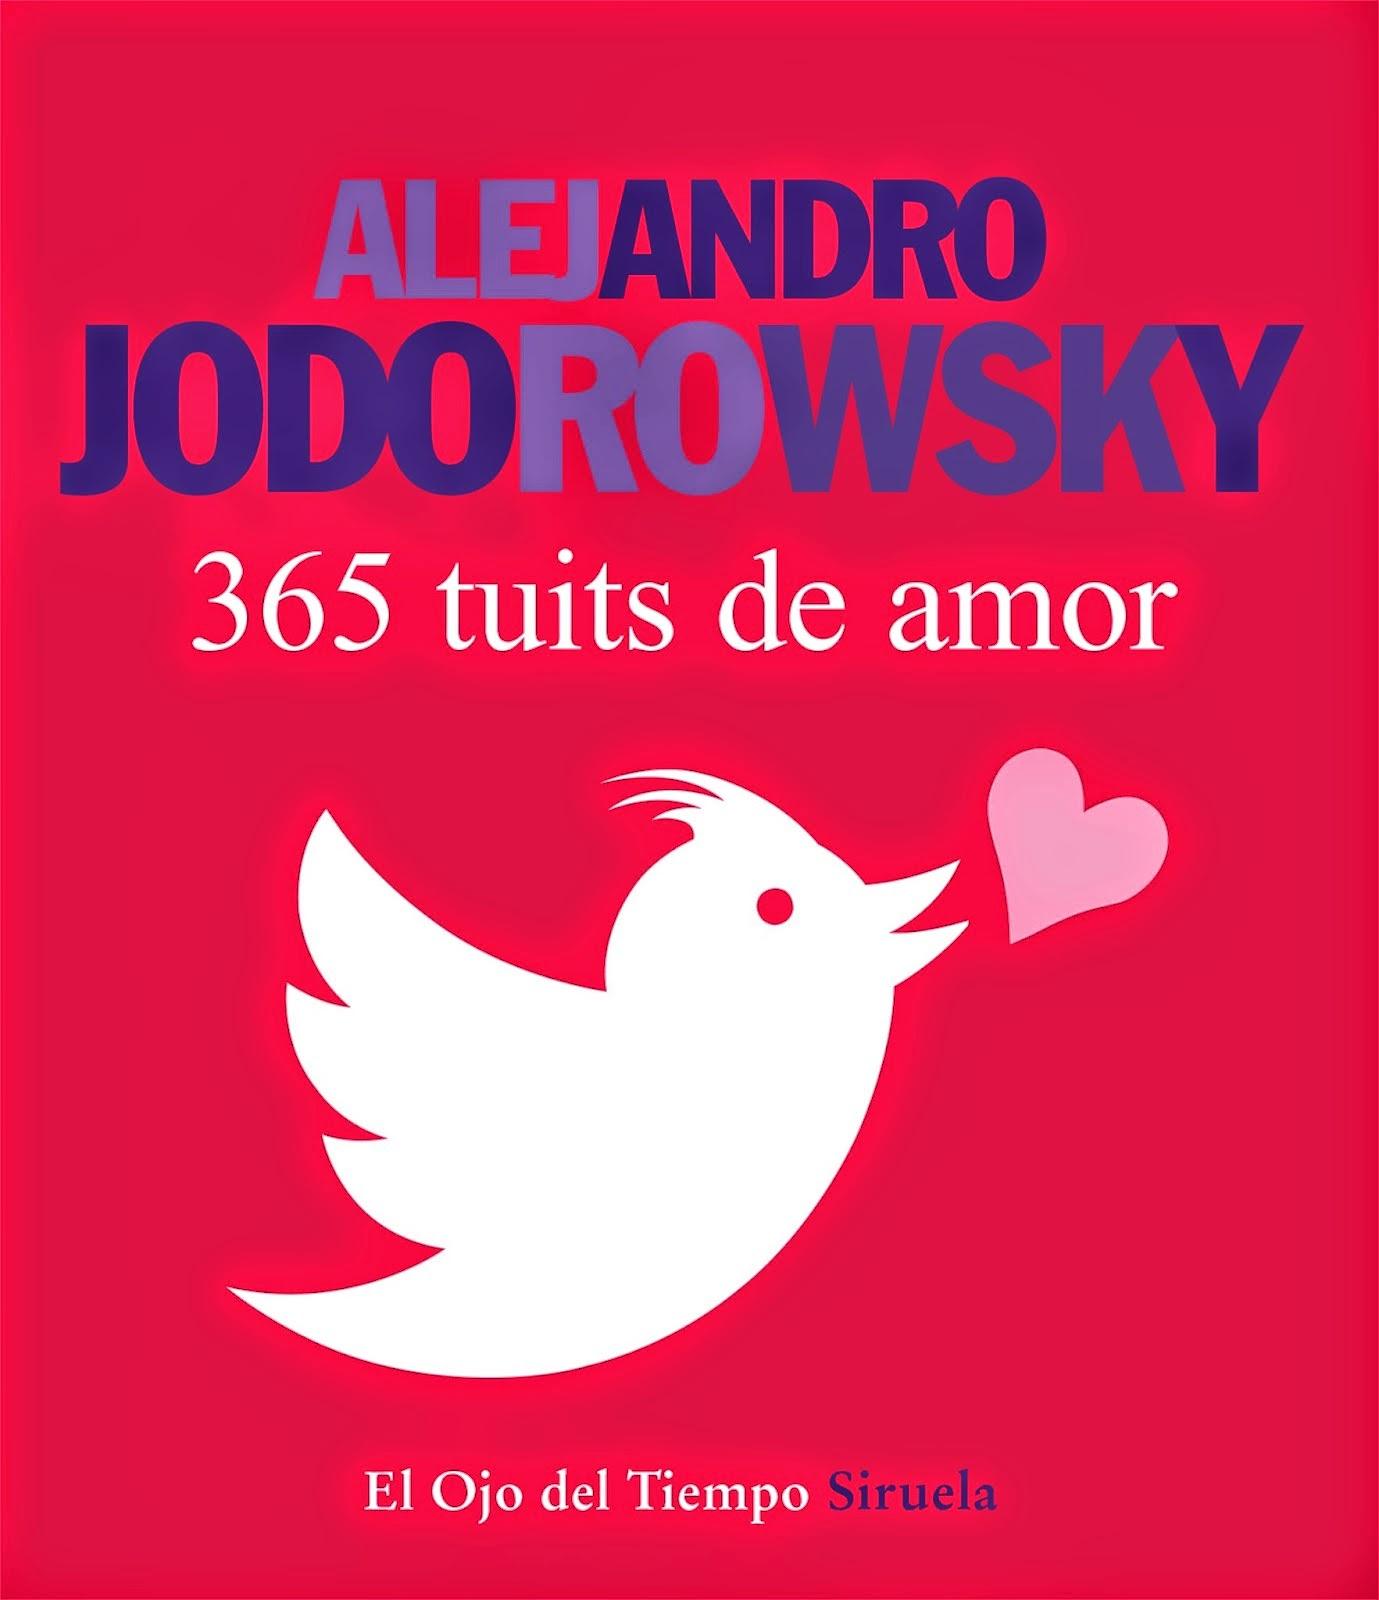 Nuevo libro de Alejandro Jodorowsky: 365 tuits de amor